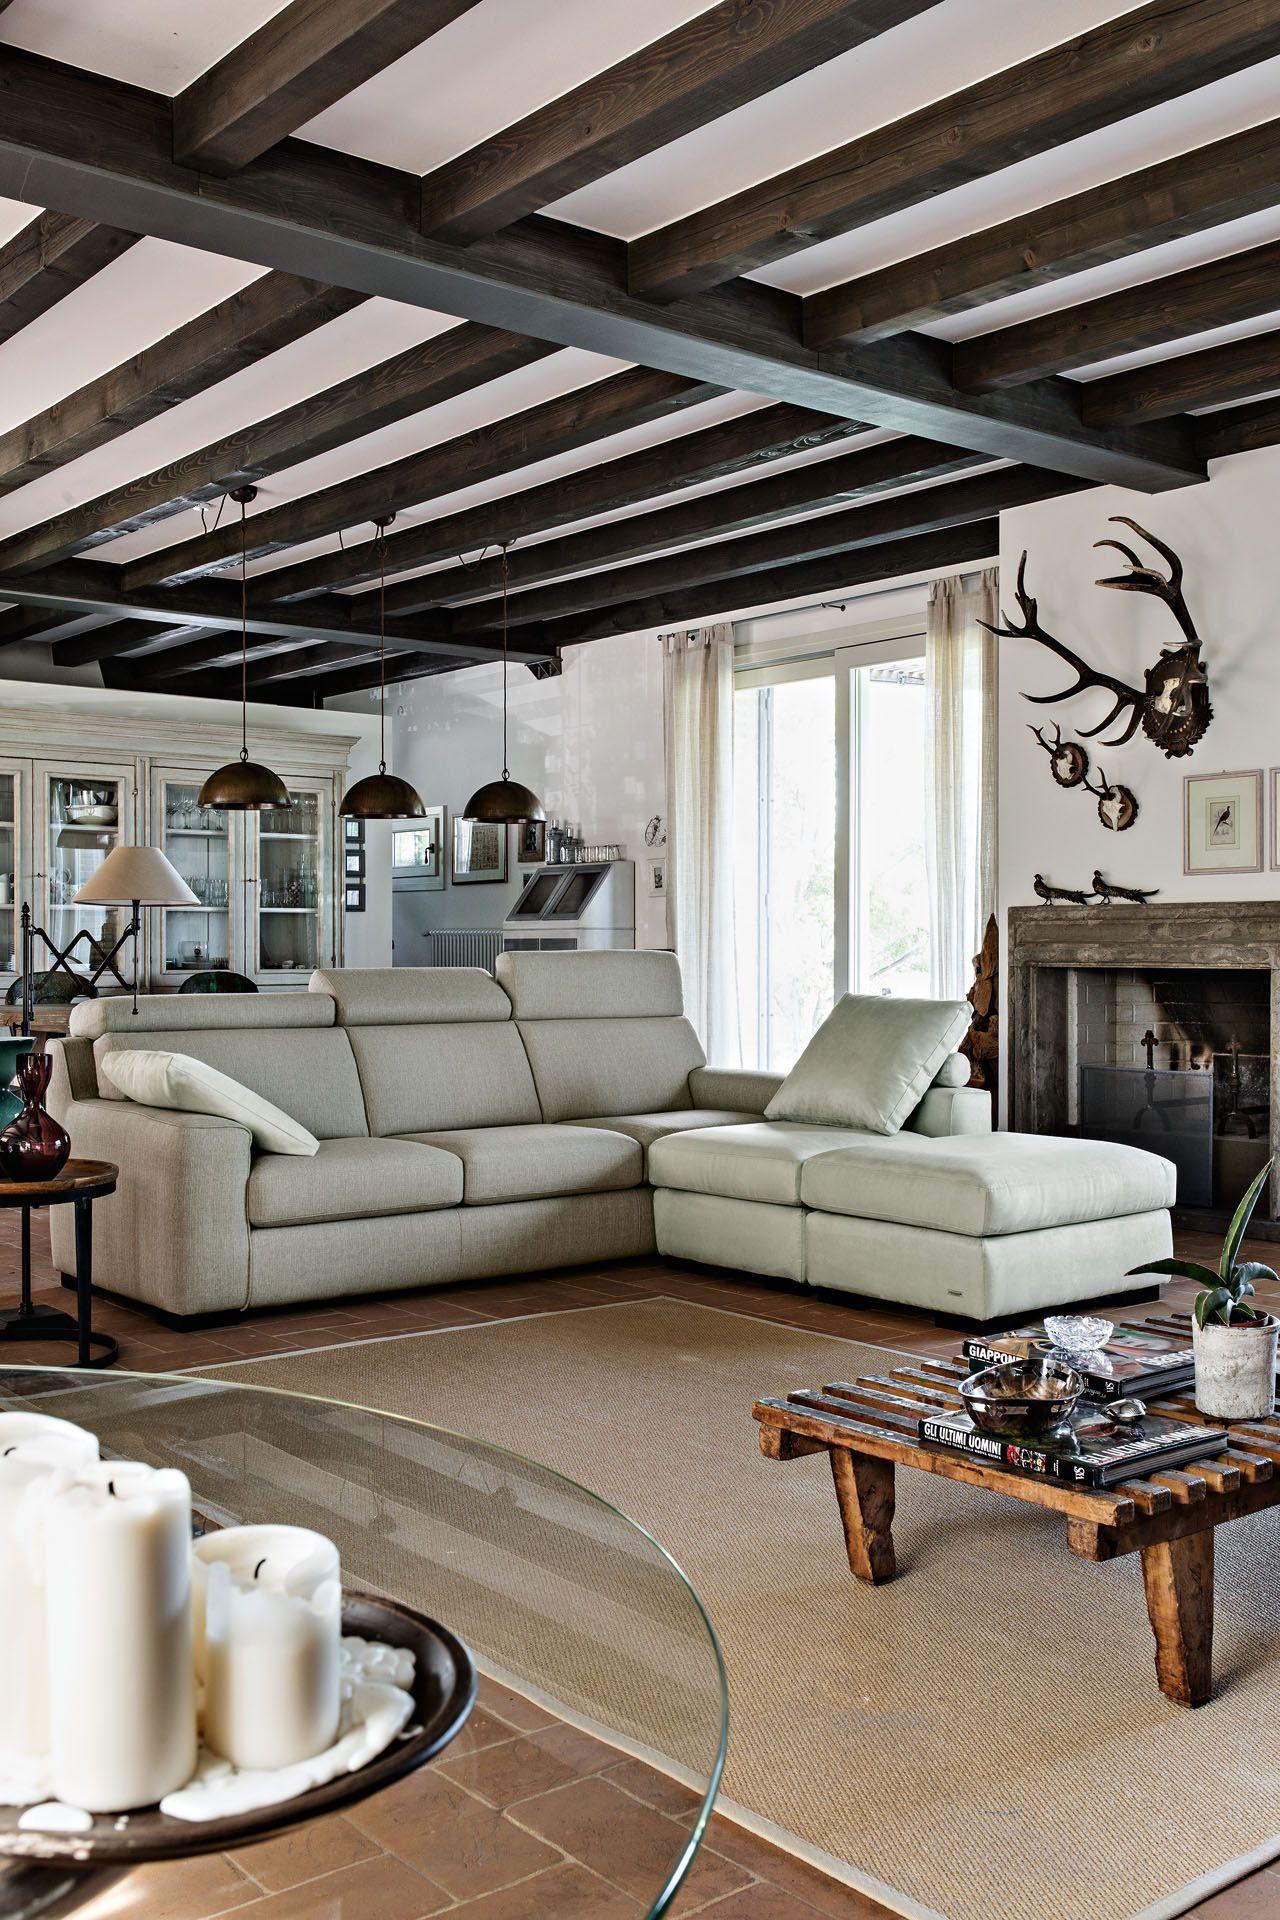 Poltrone E Sofa.Modigliana Divano Poltrone E Sofa Google Search Home Decor